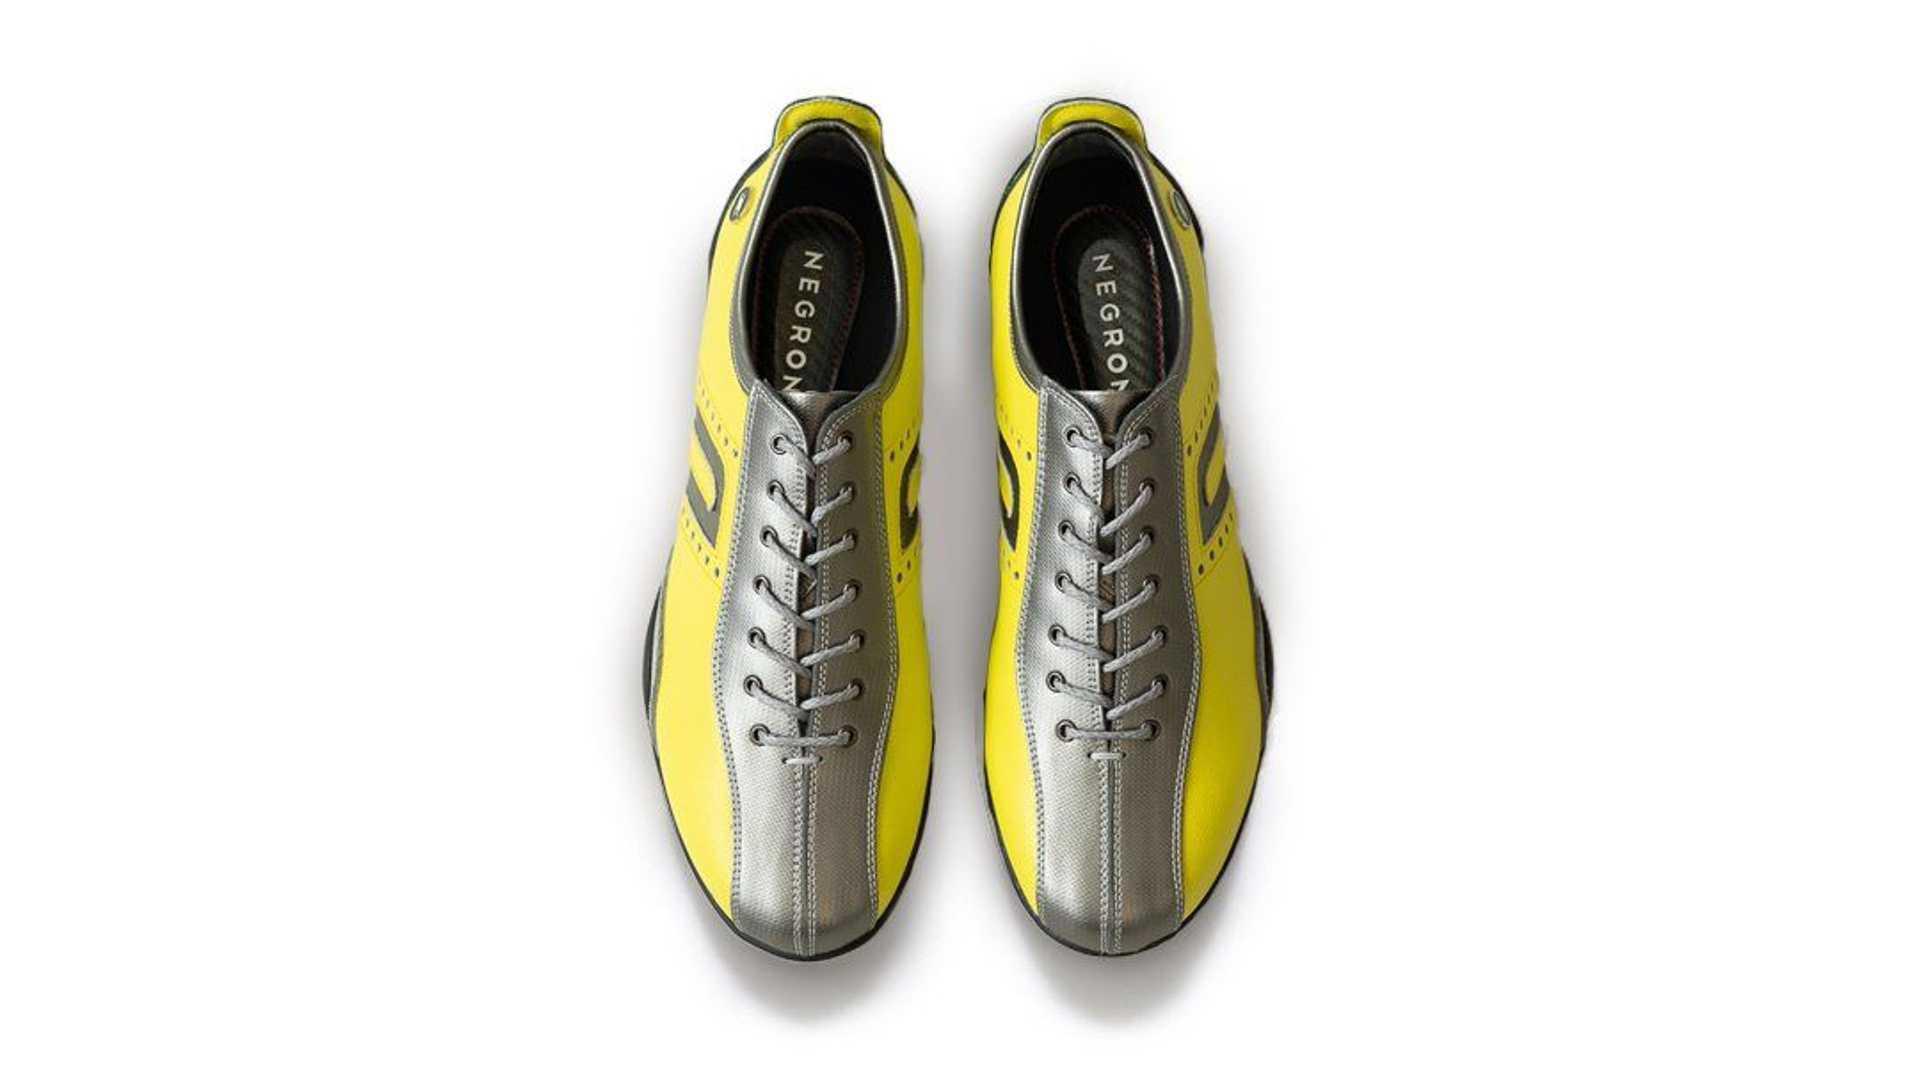 Negroni_Idea_Corsa-Nissan_Z_Shoes-0006